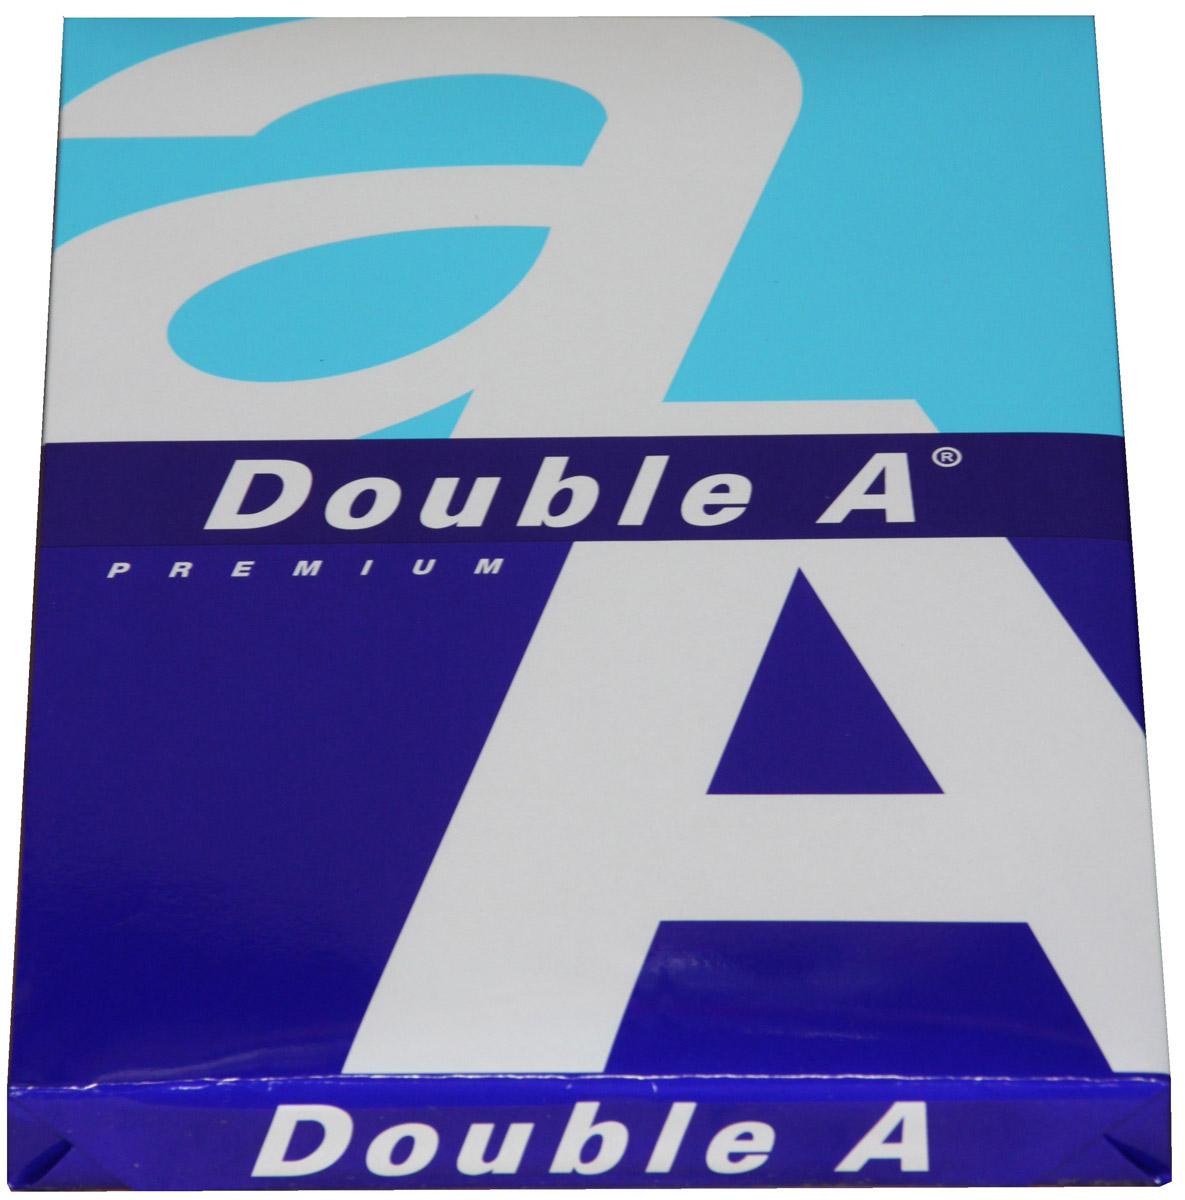 Double A Бумага для принтера формат А4 100 листовDA-A4-80-100Экологически чистая бумага из эвкалиптовой целлюлозы, произведенная по безхлорной технологии, с отбеливанием кислородным способом. Подходит для копирования, фотокопии, струйной, лазерной и офсетной печати. Плотность - 80 г/м2. Белизна (CIE) -175%. 100 листов. Формат А4